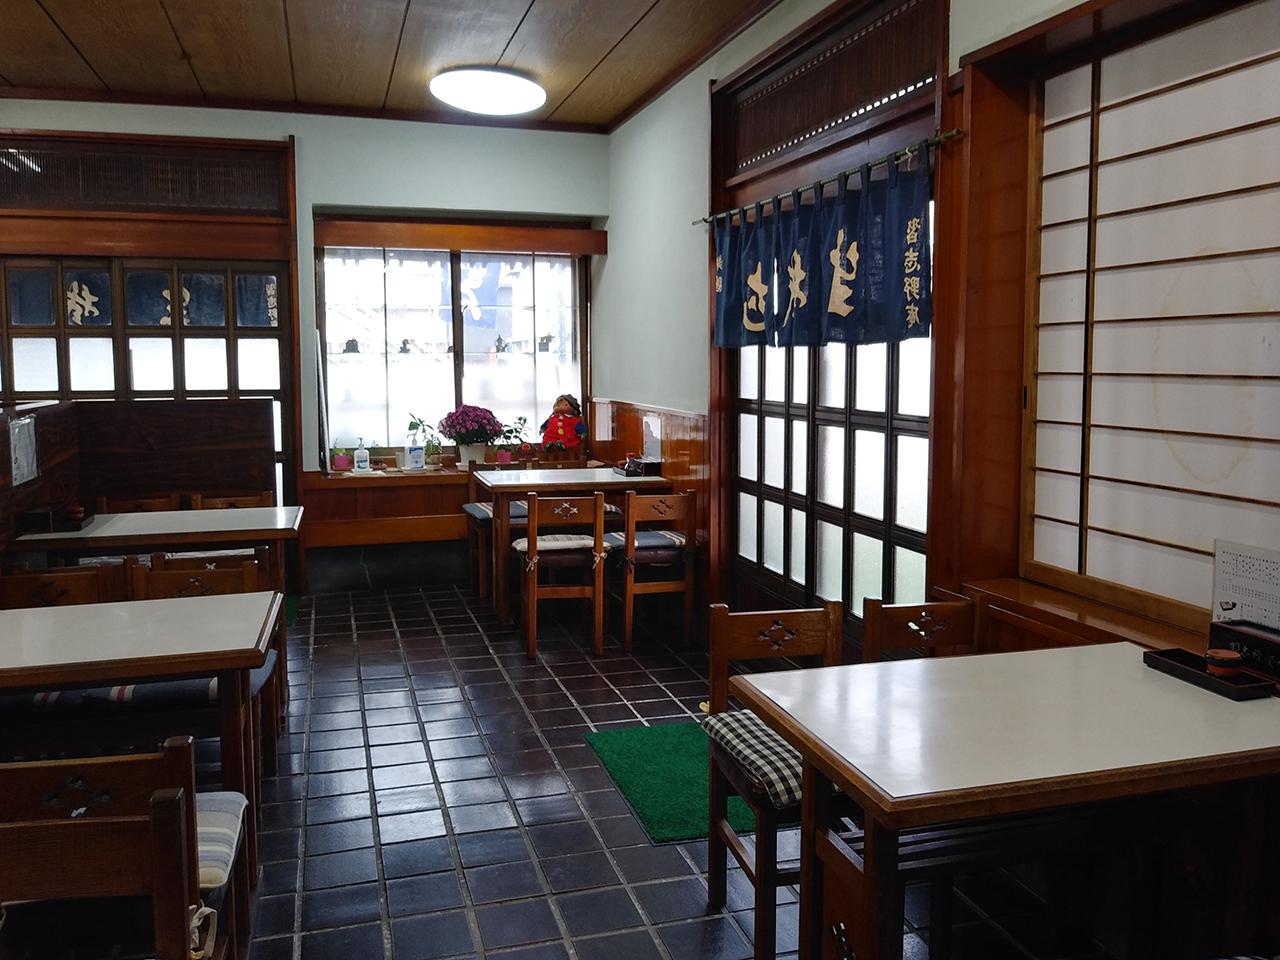 店内のテーブル席の写真